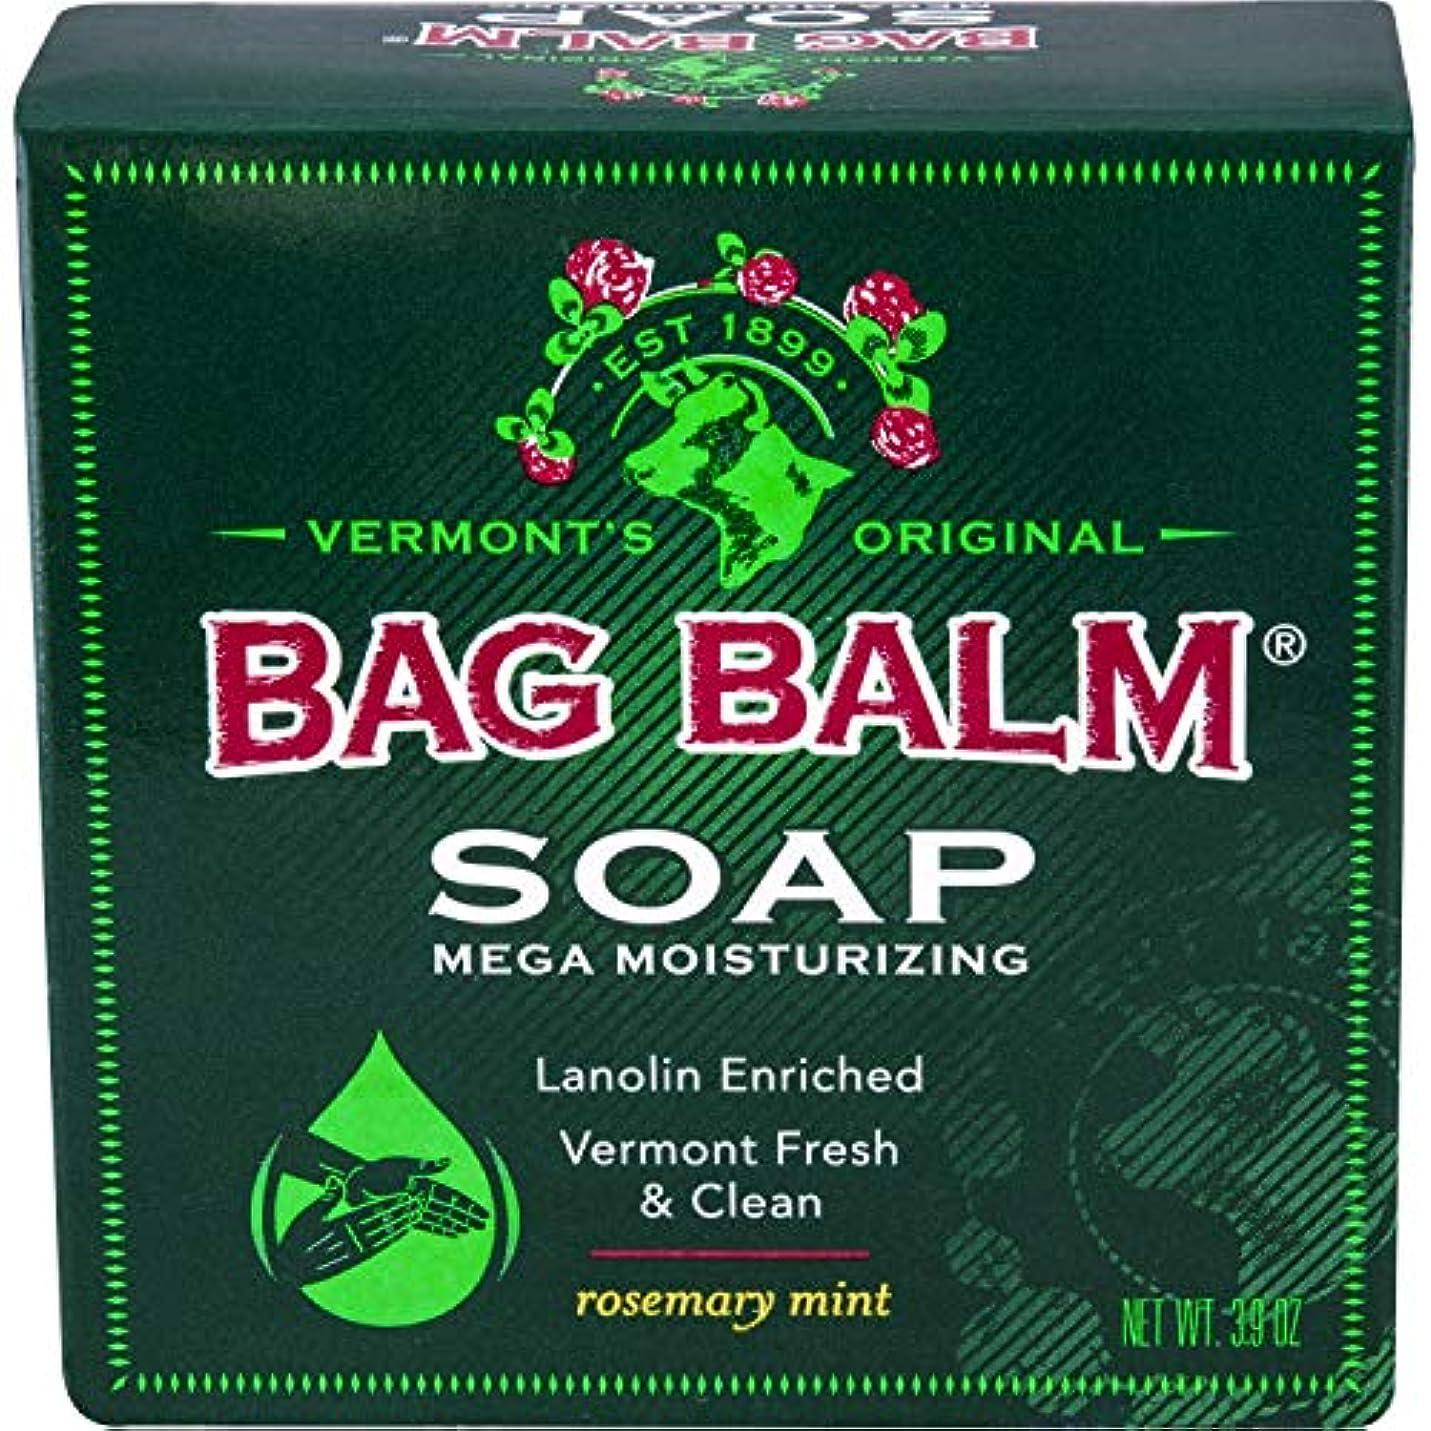 かかわらずアッティカス補助金Bag Balm メガモイスチャーソープローズマリーミント3.9オンスのバー(2バリューパック)